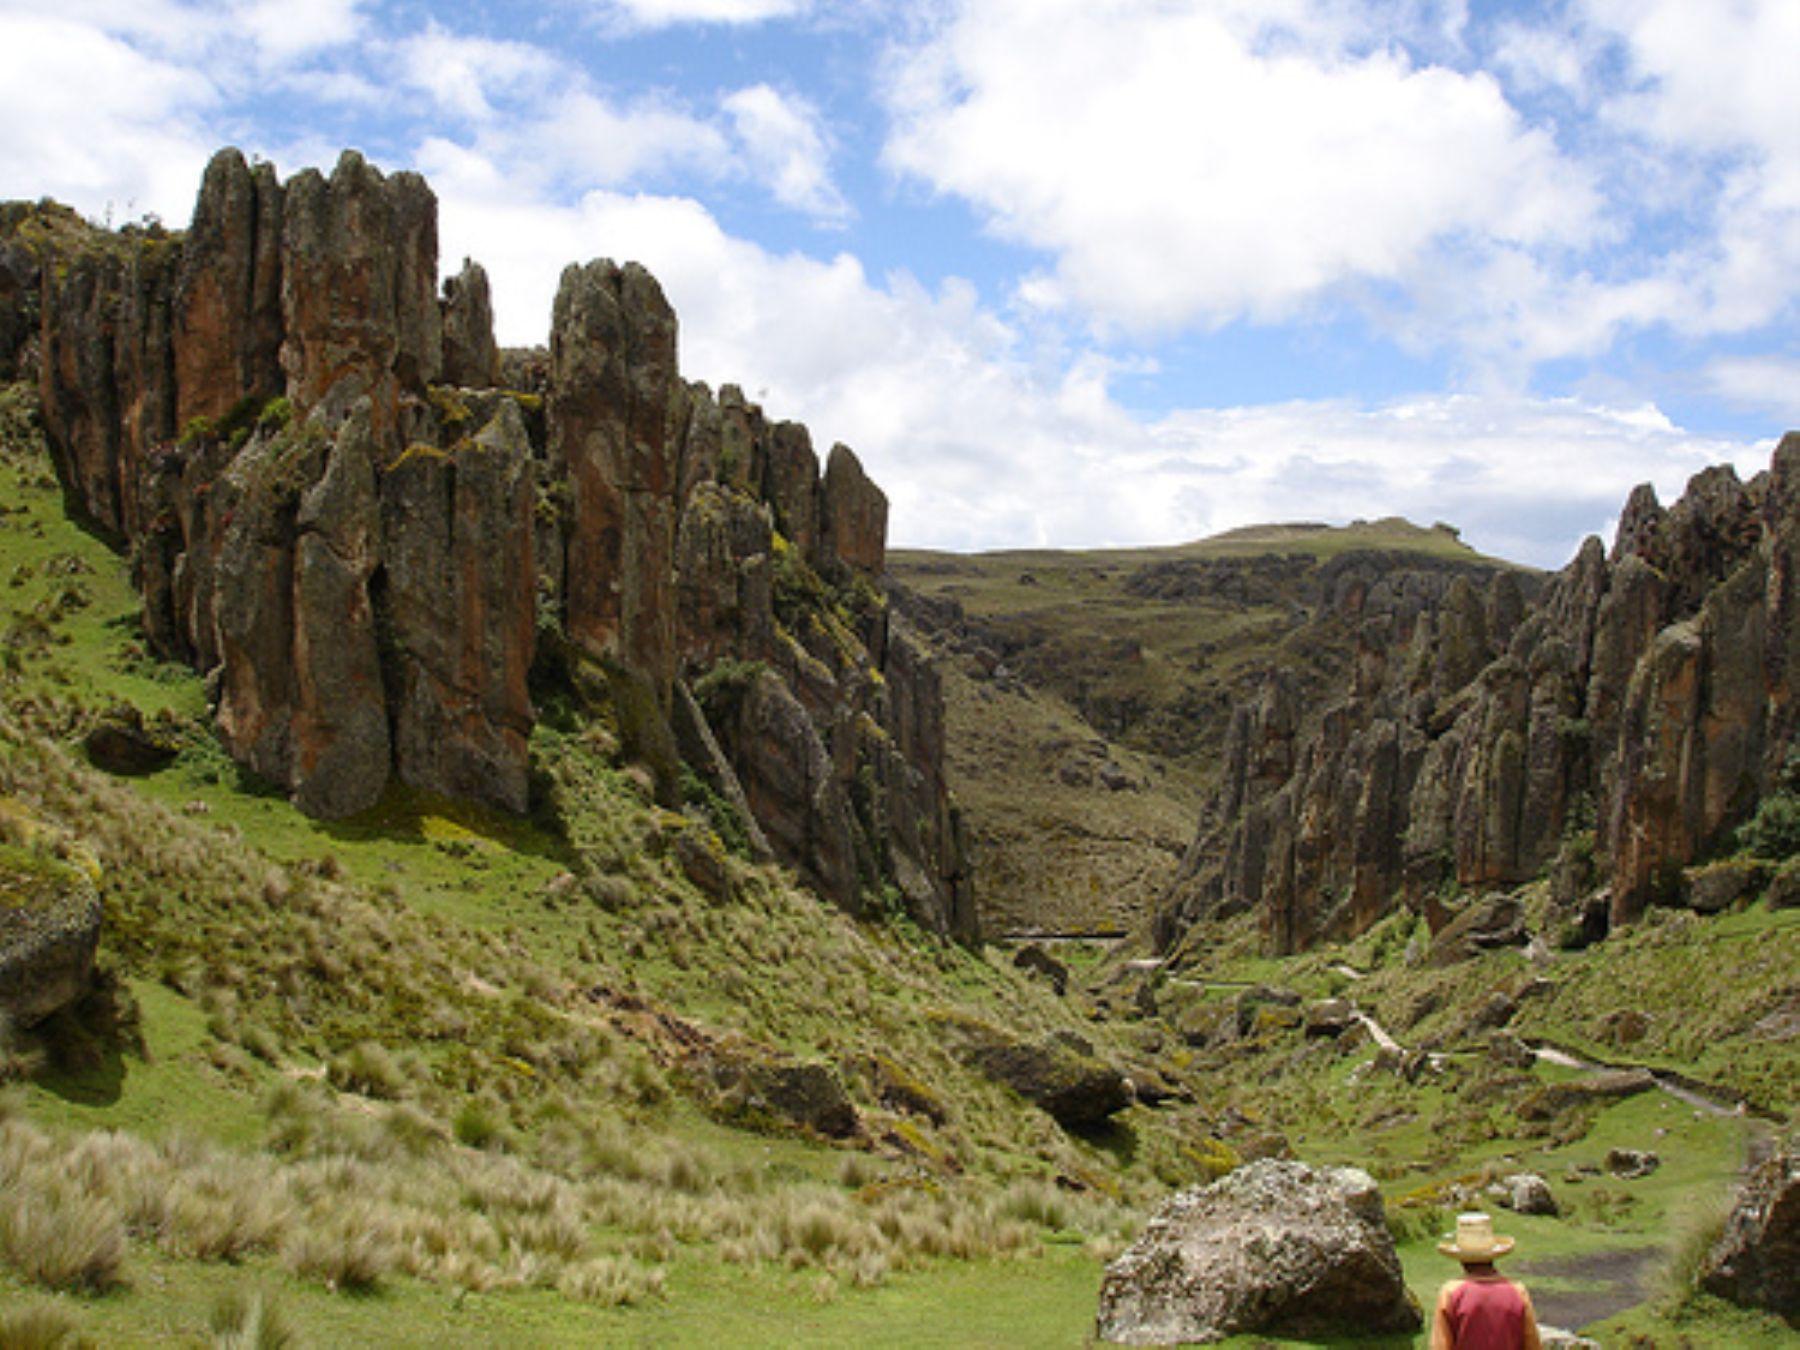 El complejo arqueológico del Gran Pajatén se ubica en el Parque Río Abiseo, región San Martín.